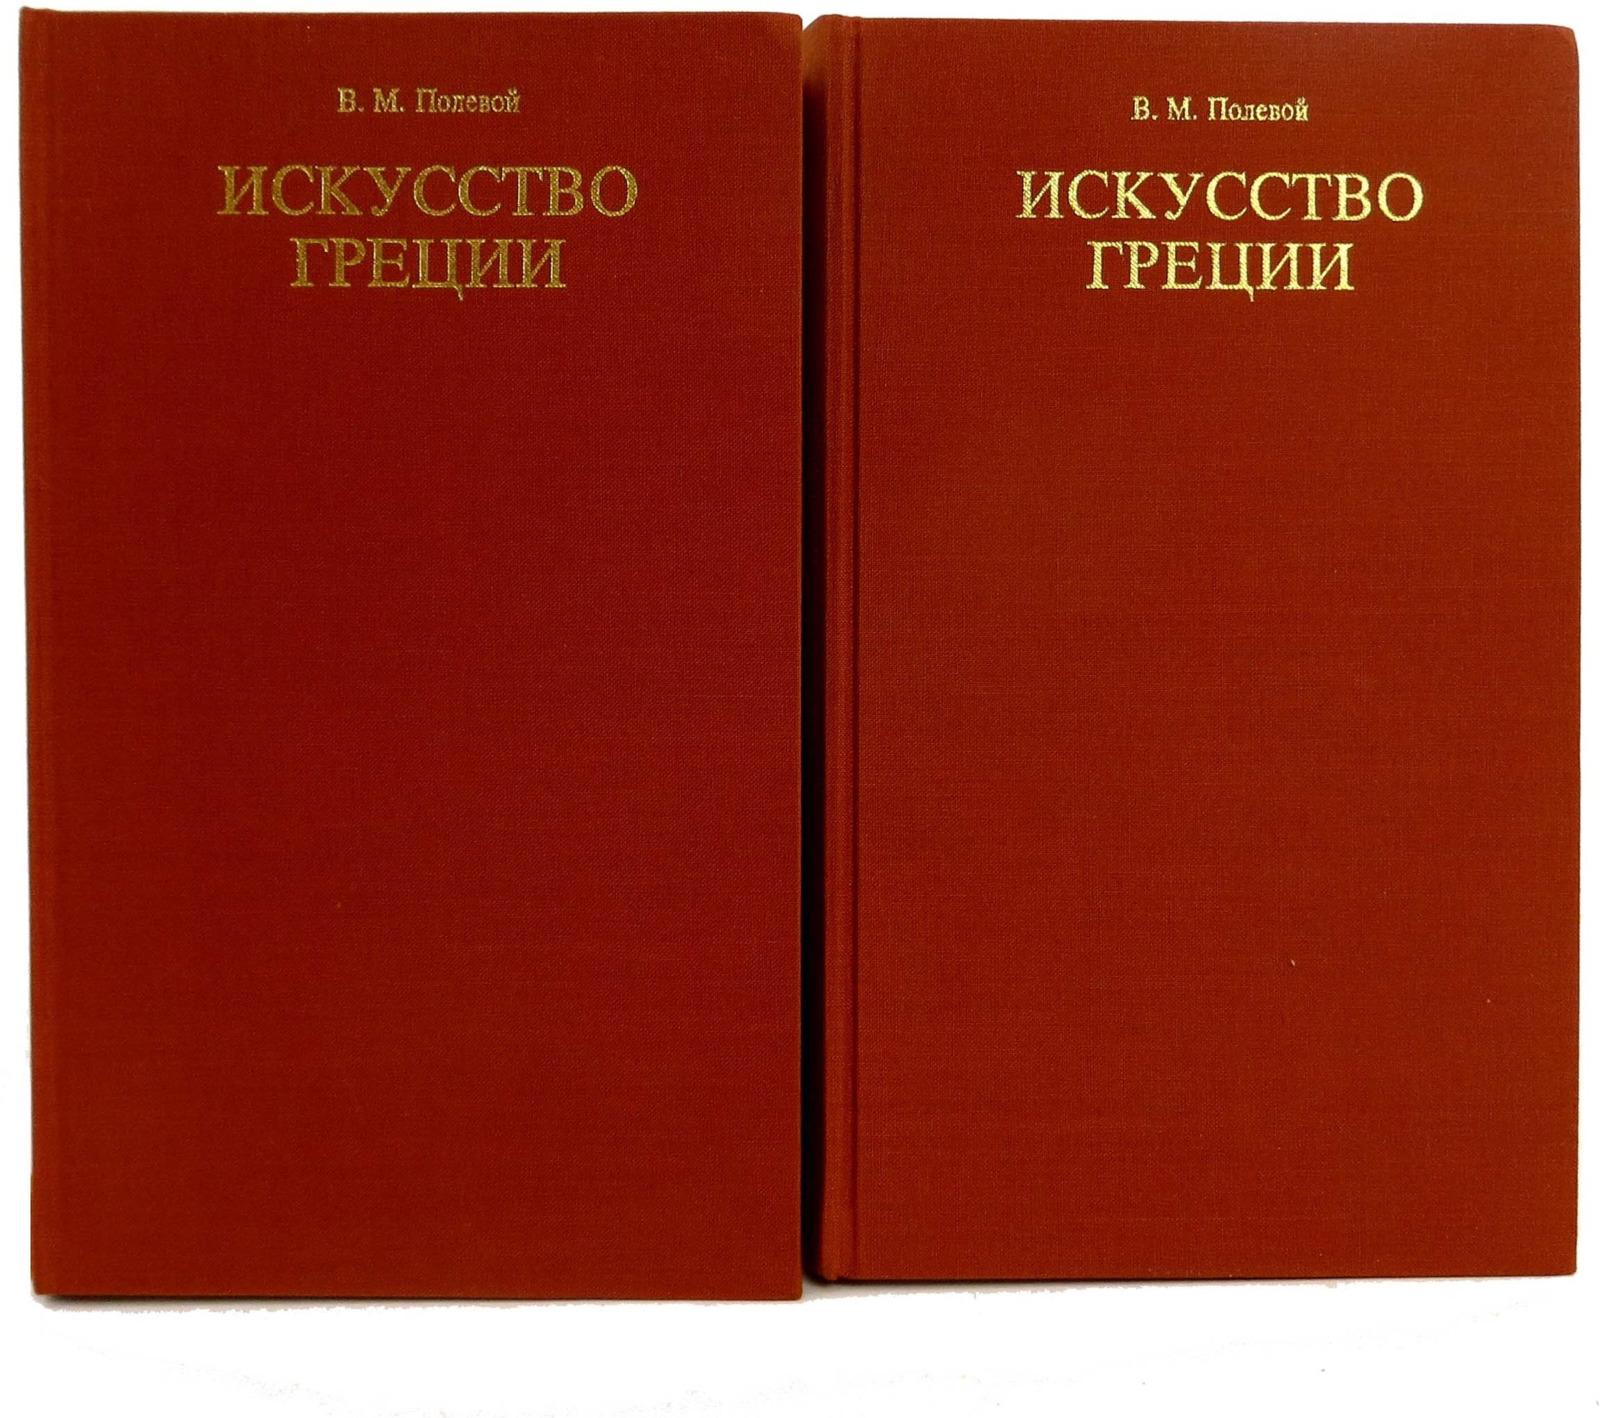 Полевой В. Искусство Греции (комплект из 2 книг) исход комплект из 2 книг